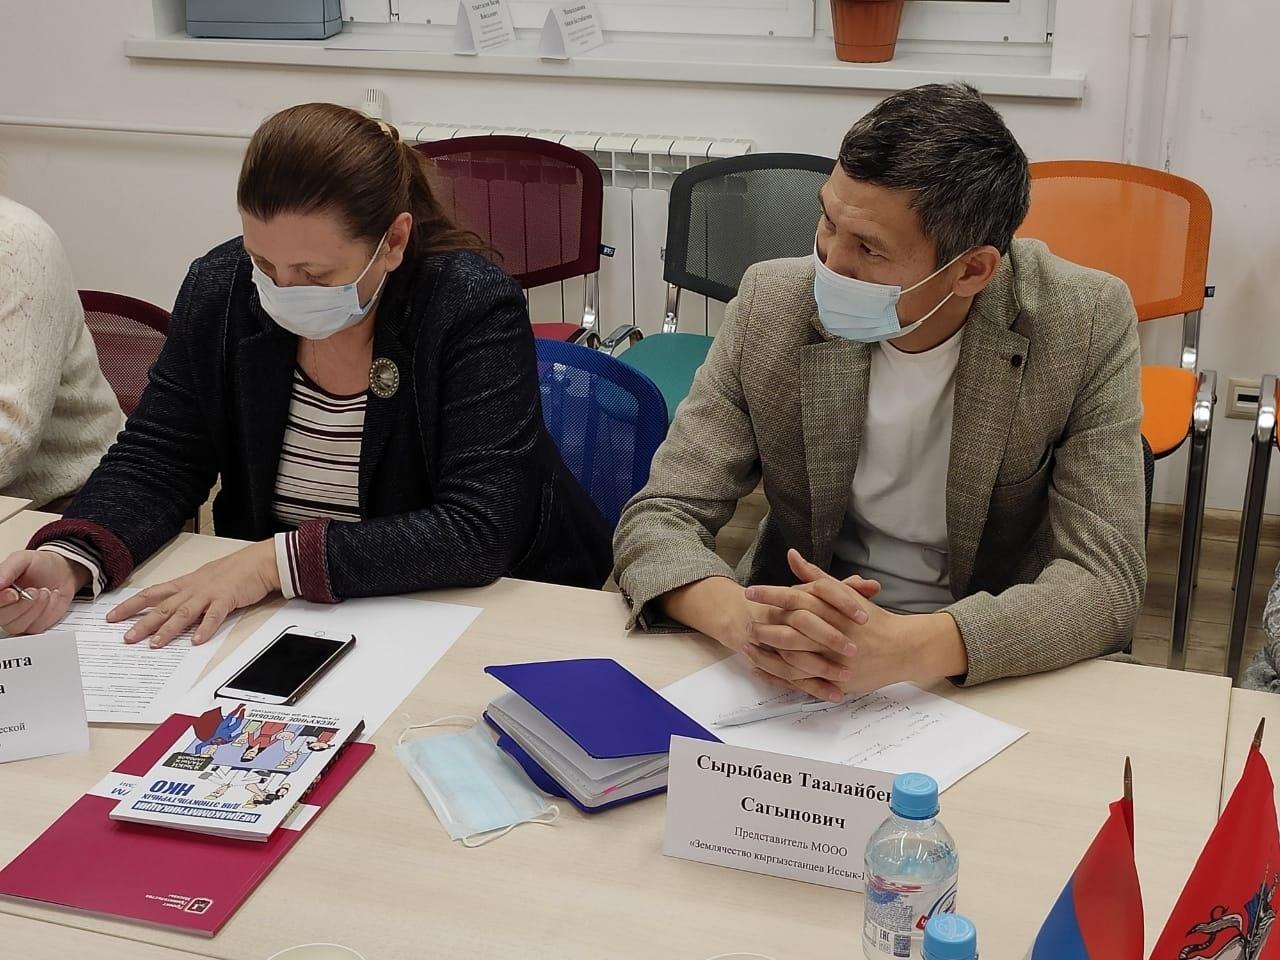 Активисты Северного Бутова приняли участие в круглом столе по вопросам трудовой миграции в Москве